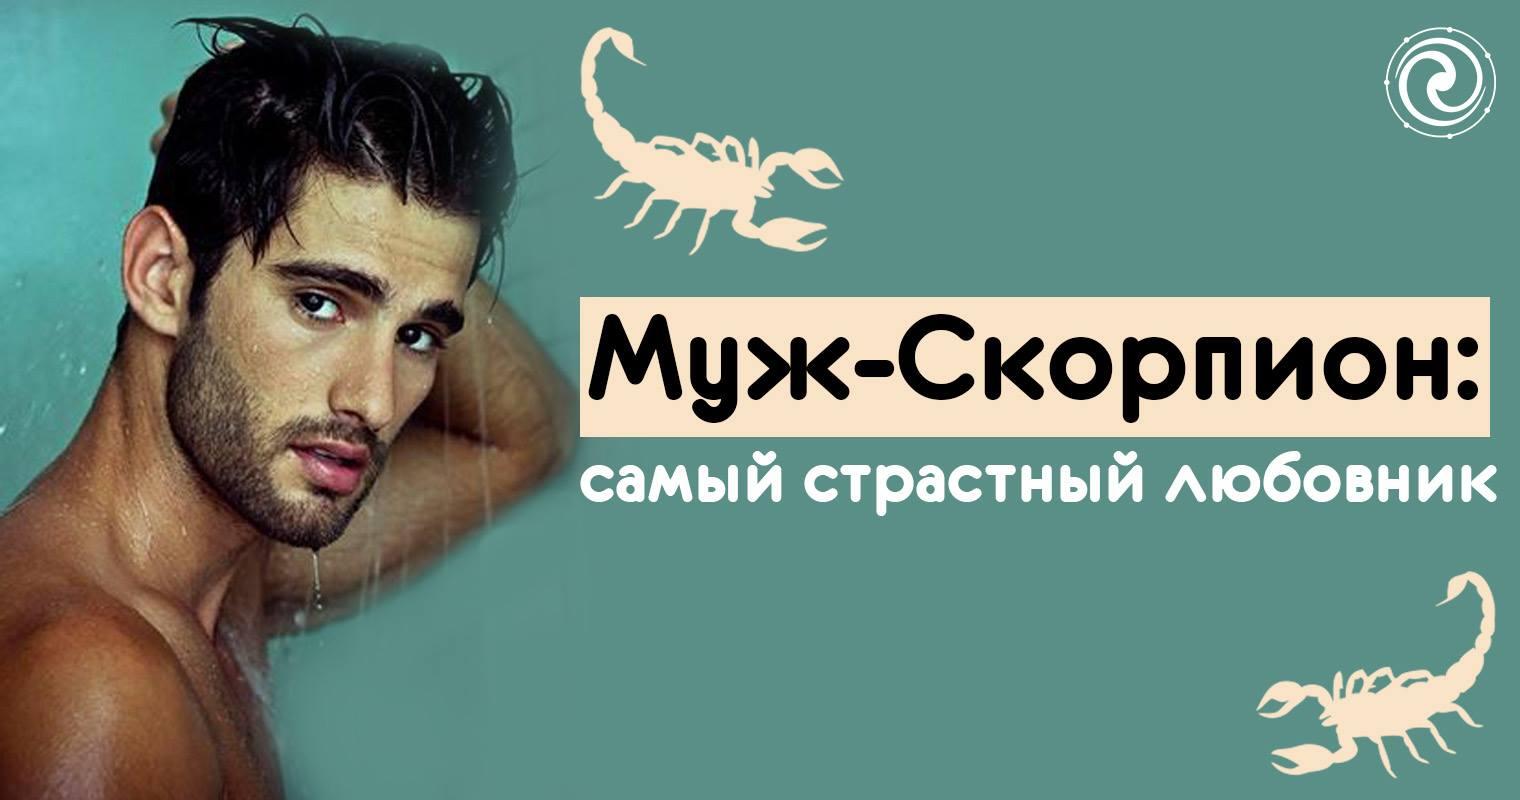 Скорпион самый сексуальный